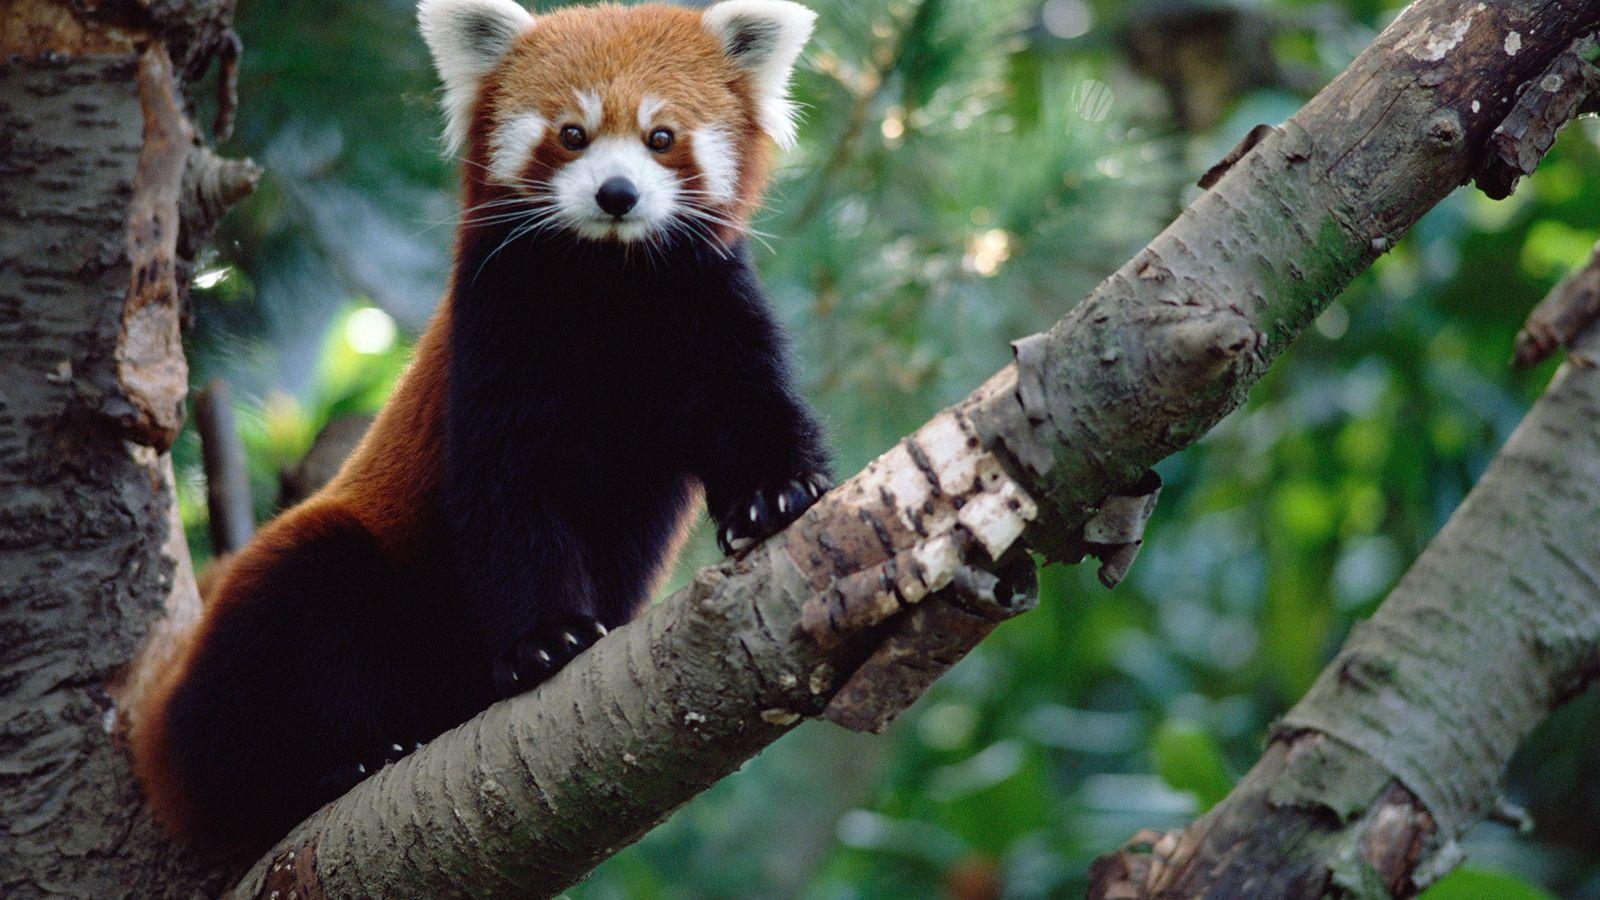 Bien qu'ils soient adorables, les pandas roux (Ailurus fulgens) sont dotés de griffes acérées et peuvent ...